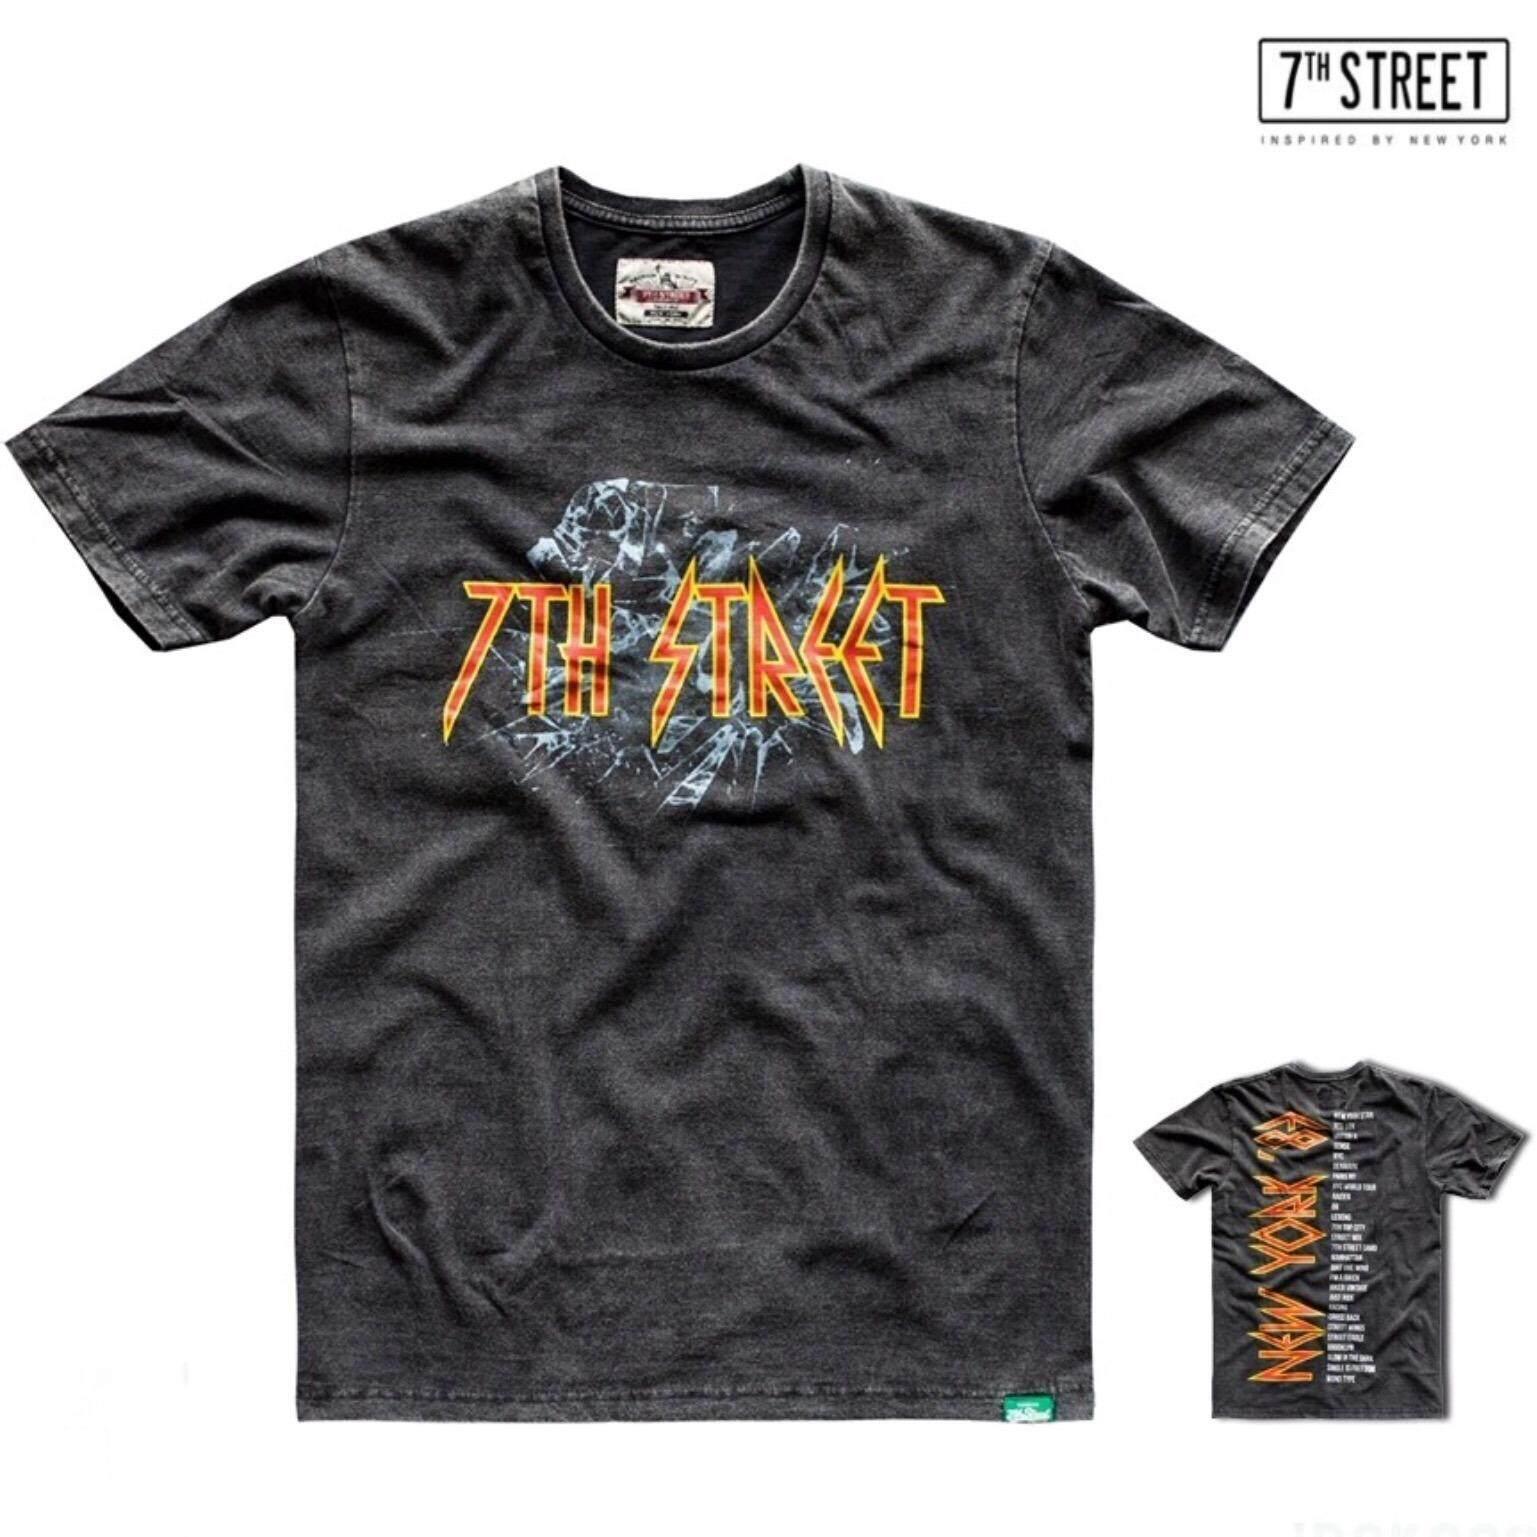 ขาย ซื้อ 7Th Street เสื้อยืด รุ่น Jrok002 เนื้อผ้า Softtech ใน ไทย